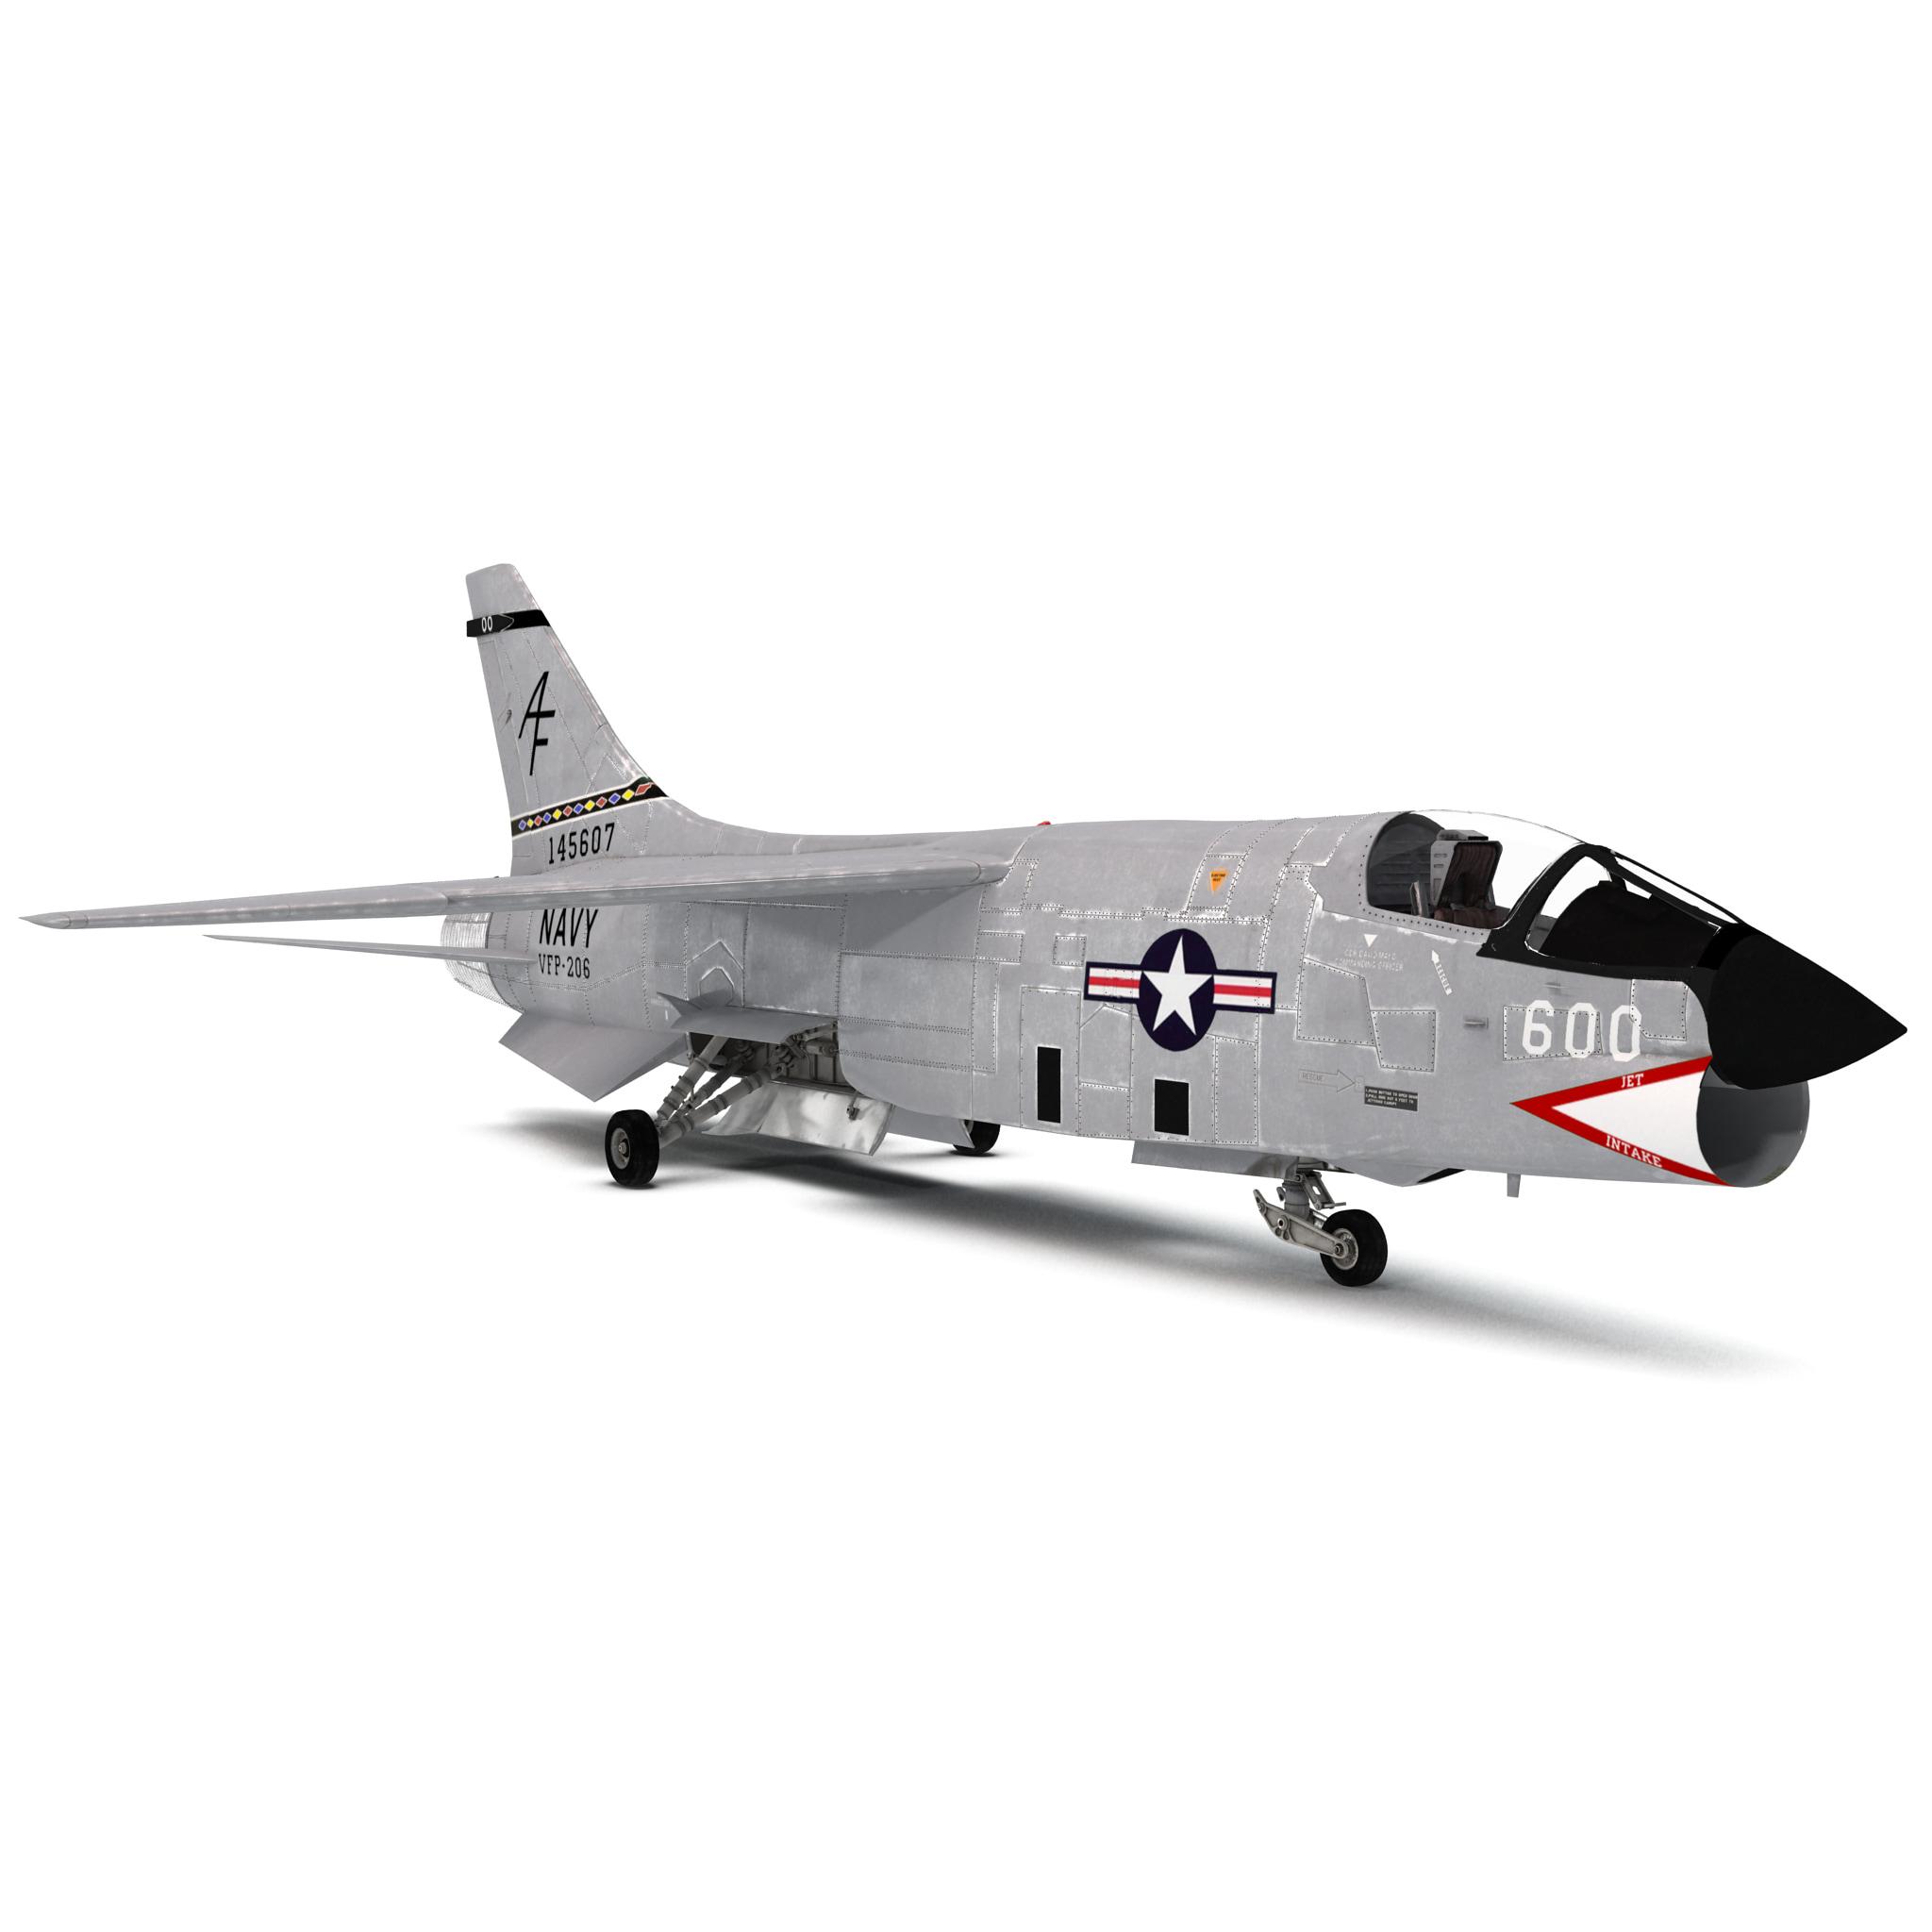 F8 Crusader Navy Fighter Aircraft_2.jpg